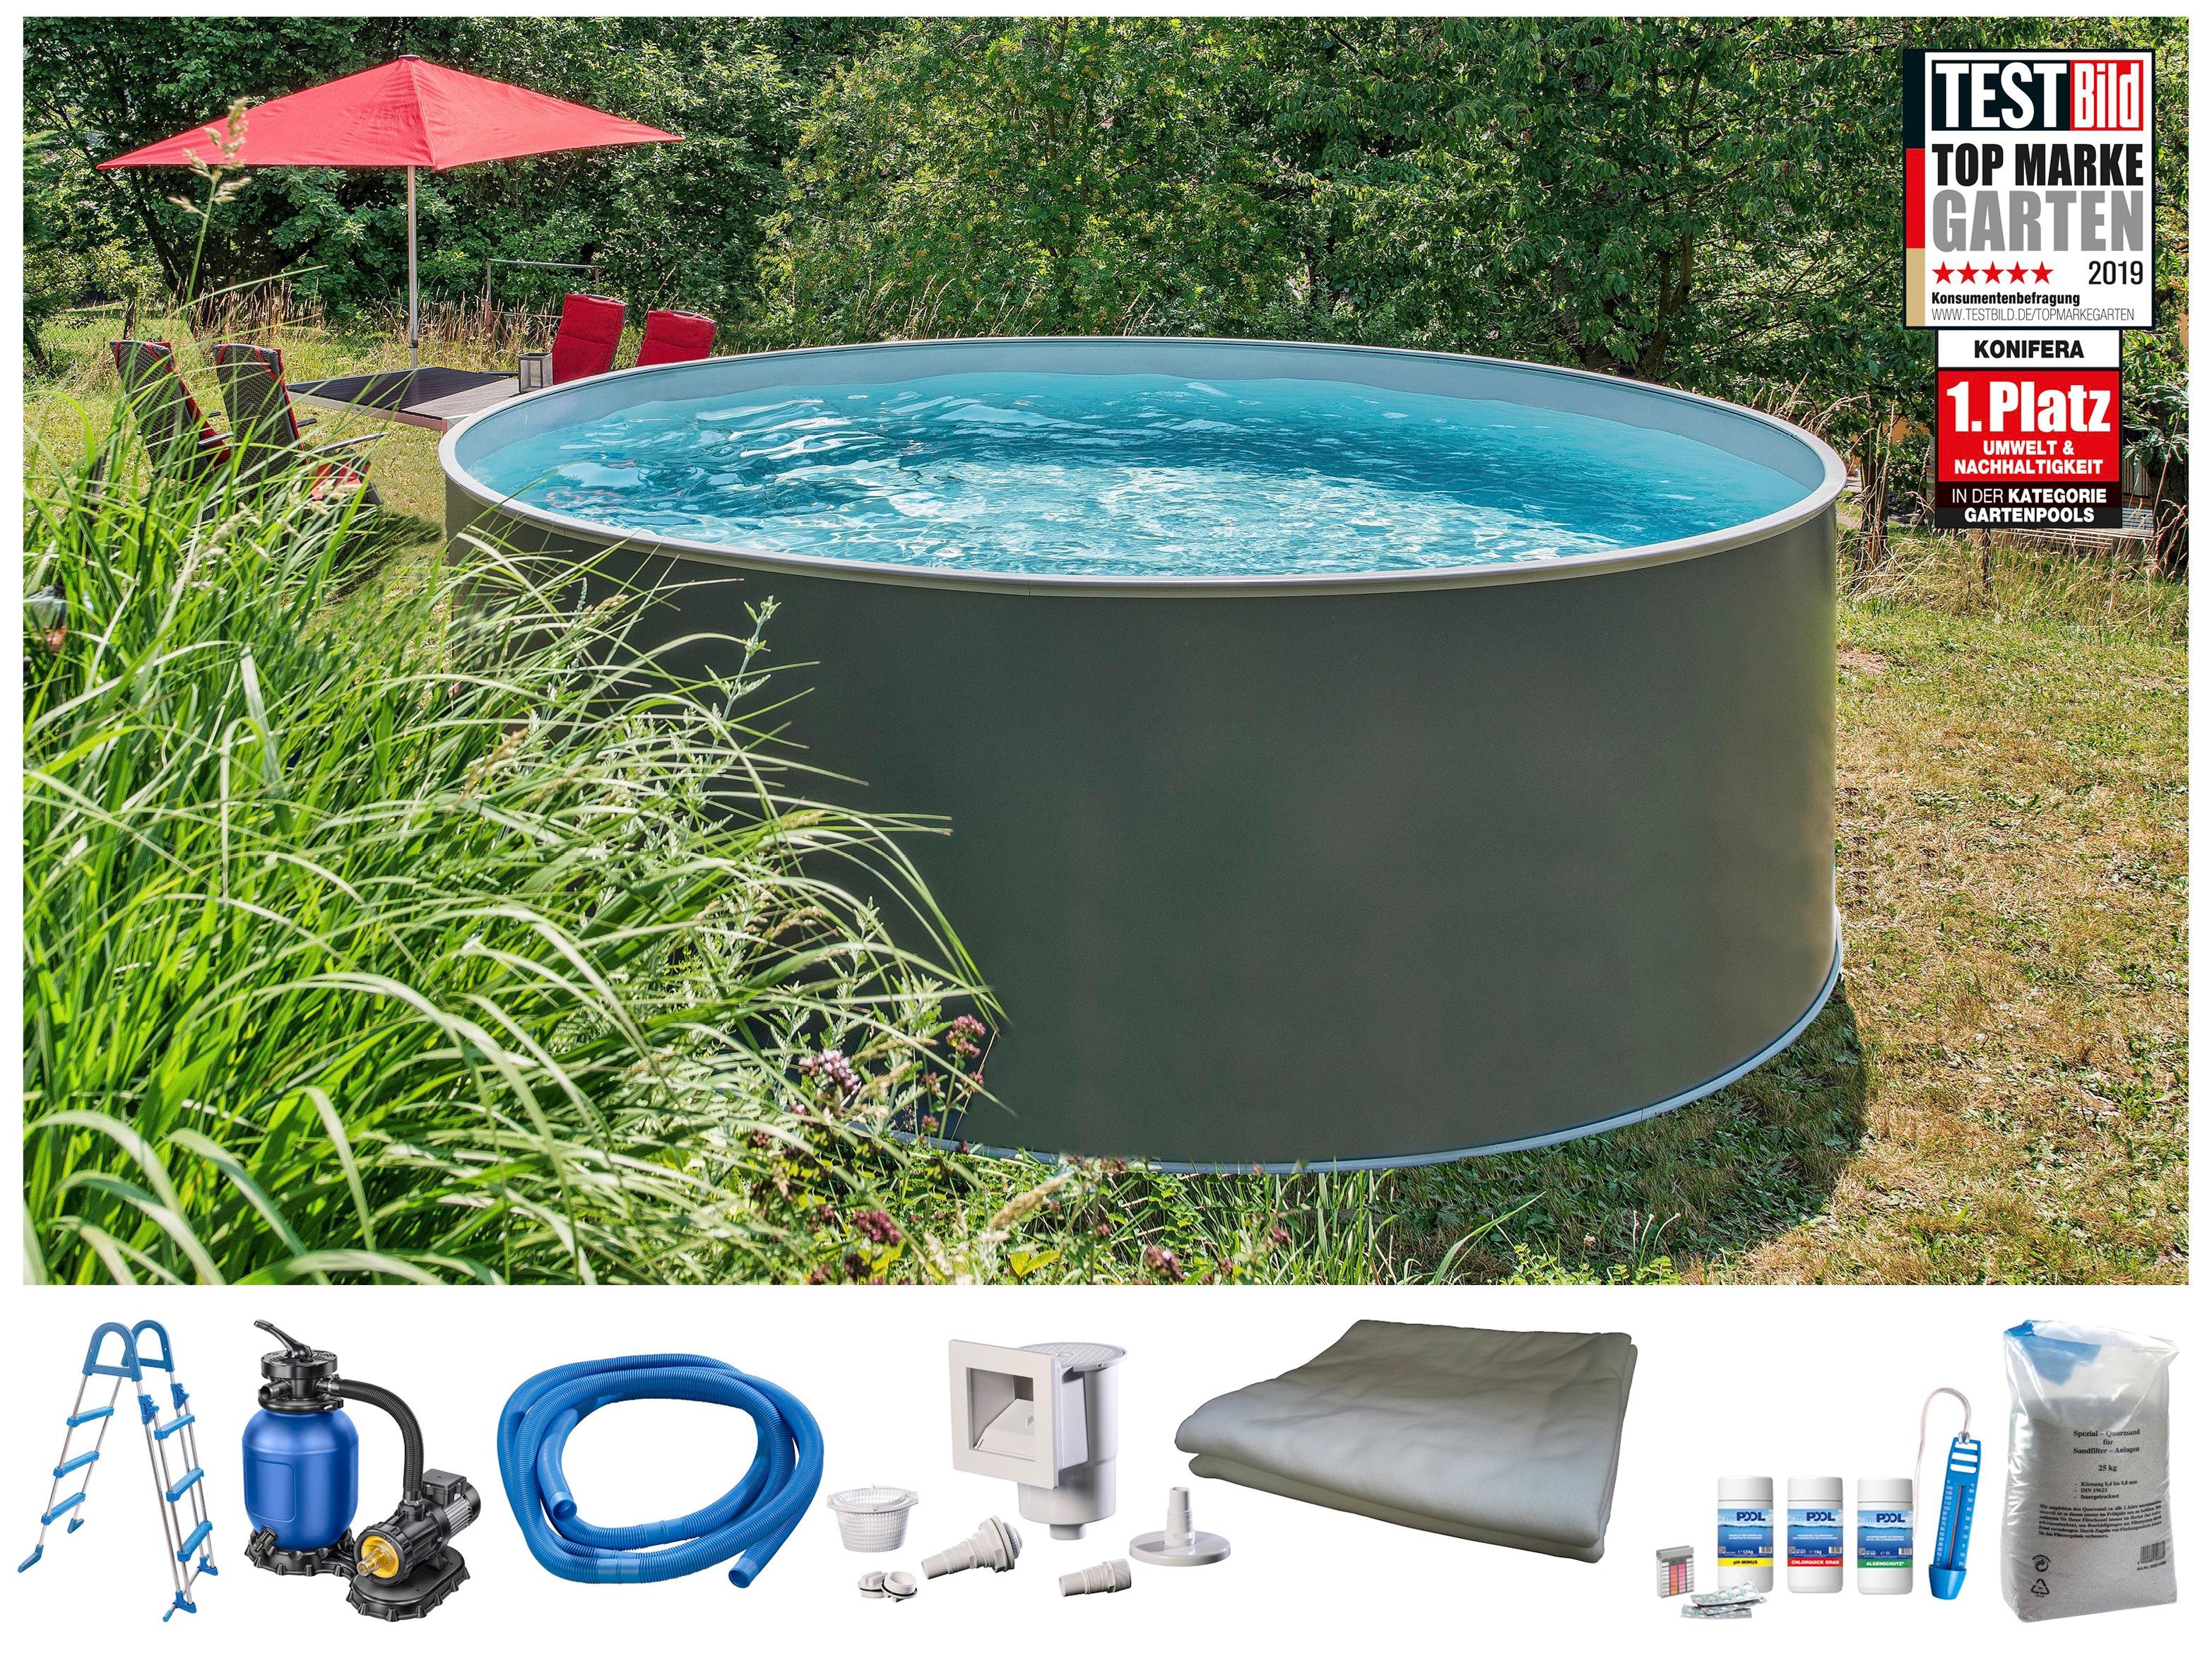 KONIFERA Set: Rundpool »Premium«, 7-tlg., in verschiedenen Größen | Garten > Swimmingpools > Schwimmbecken | KONIFERA